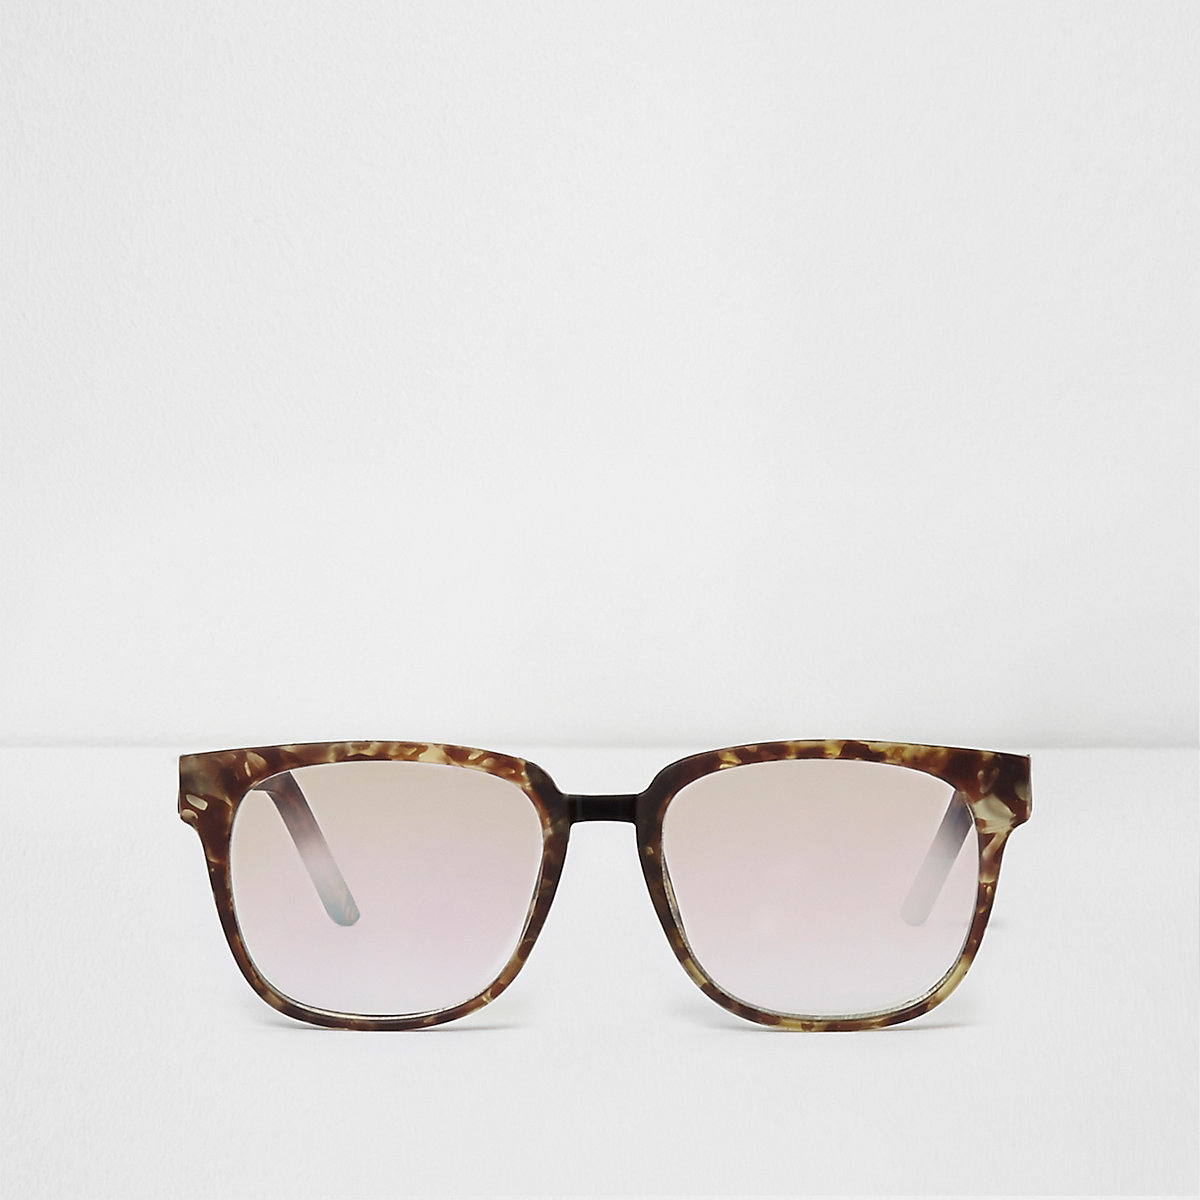 Brown tortoiseshell clear lenses sunglasses